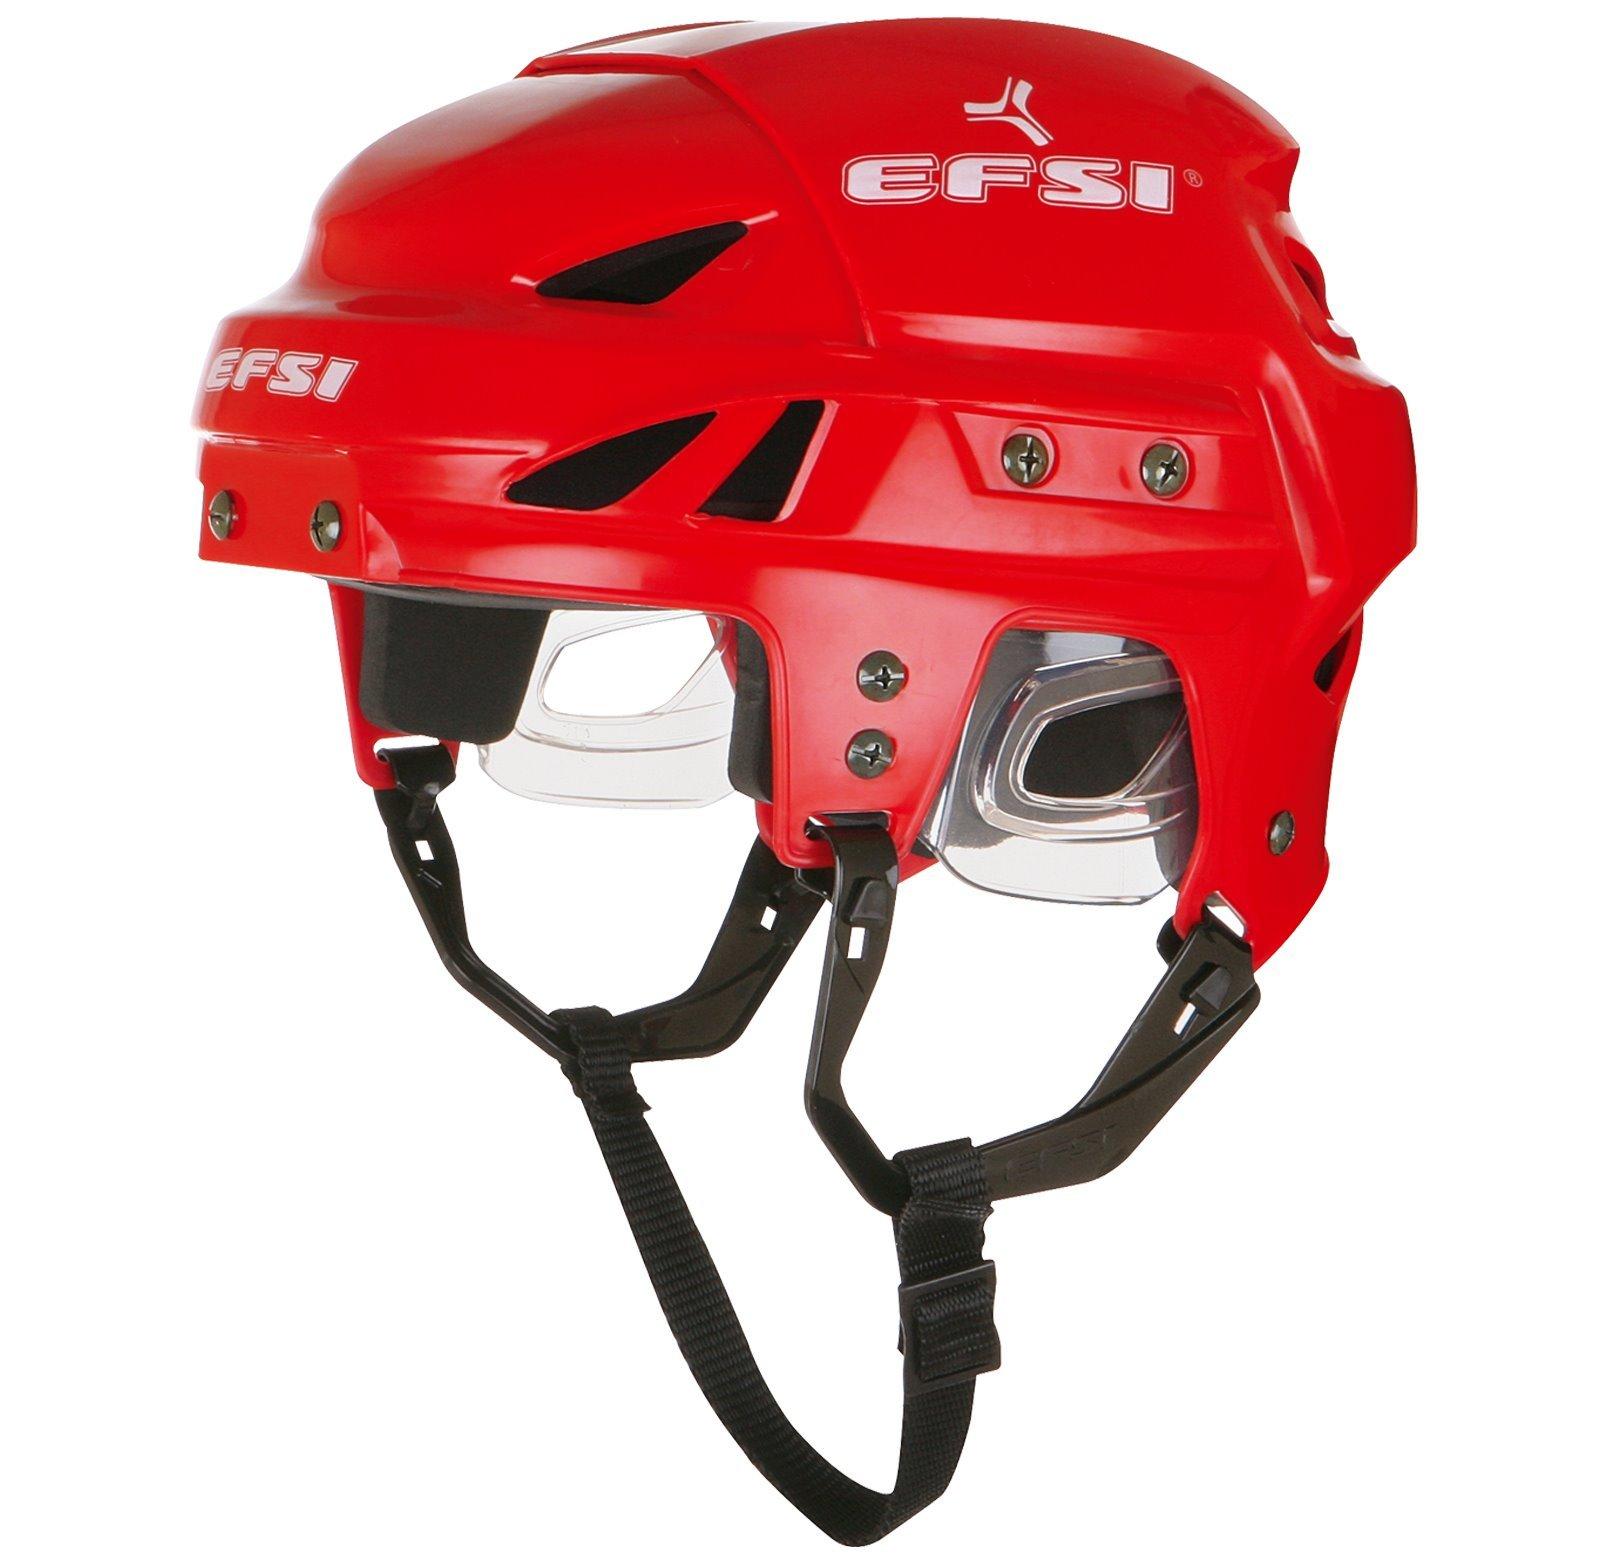 Хоккейные шлемы - настоящий мужской подарок!